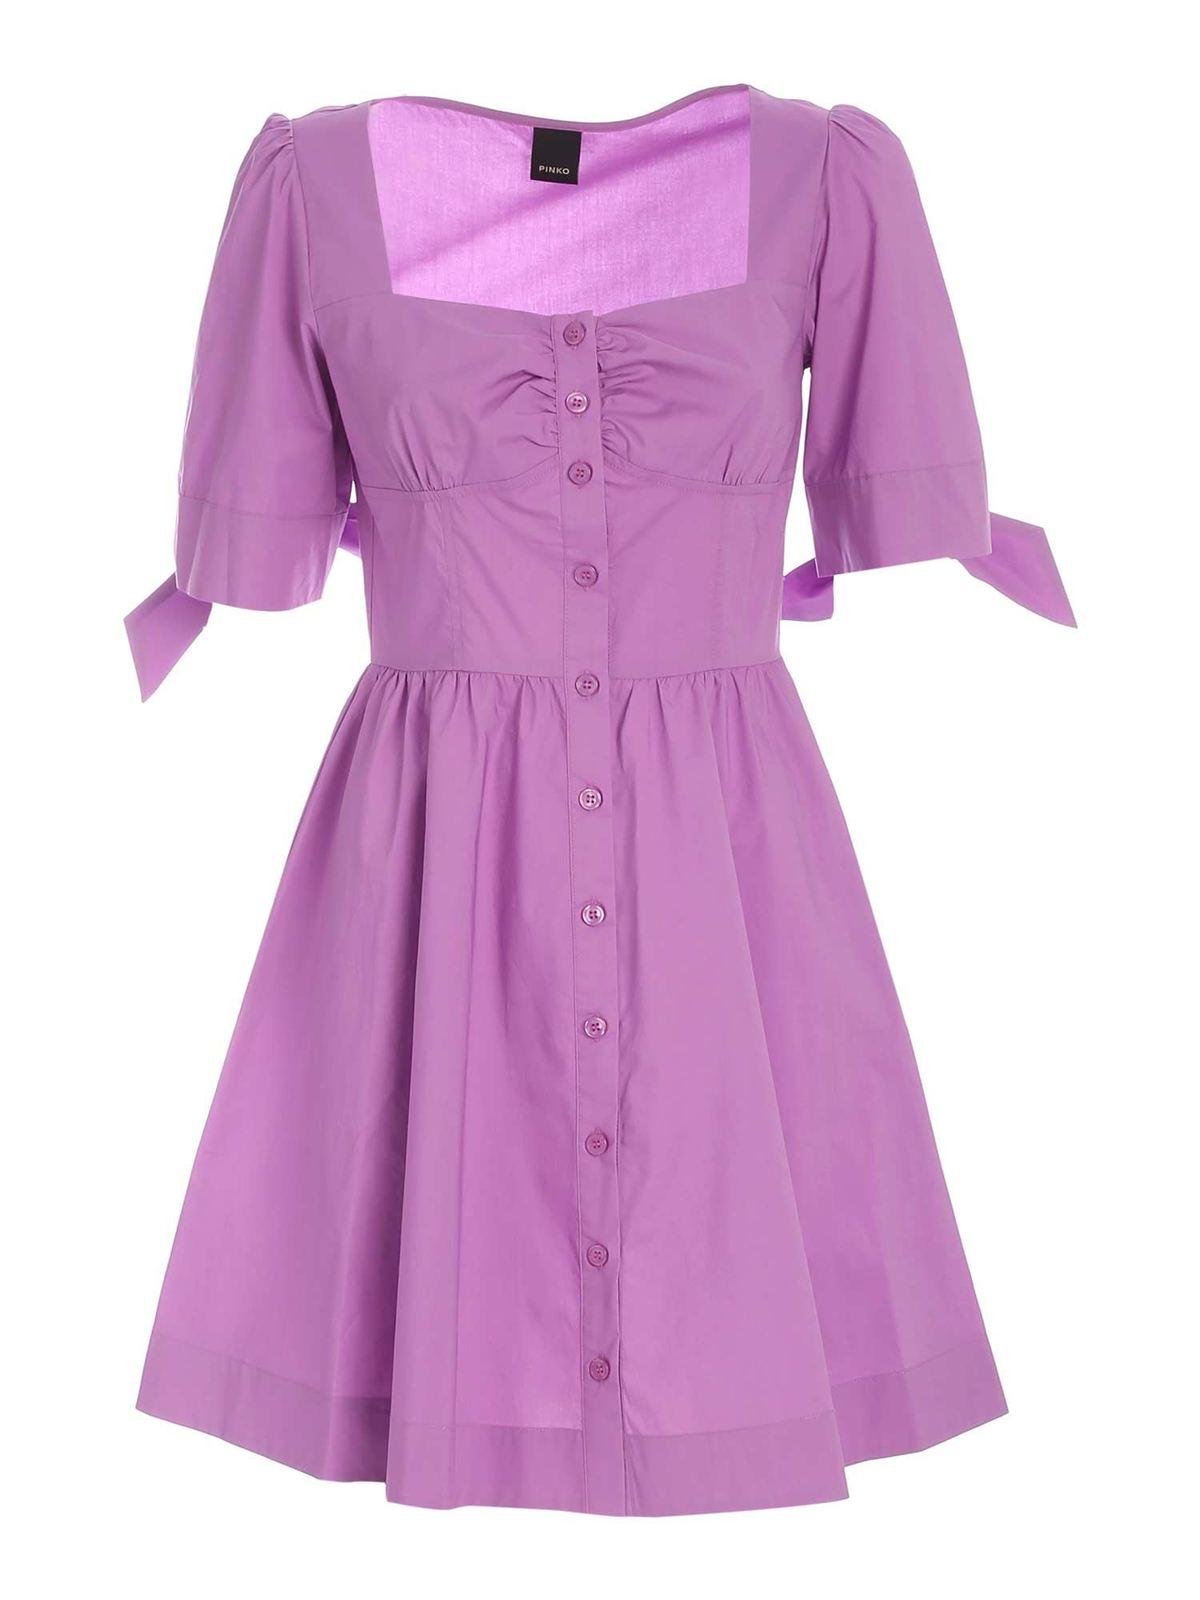 Pinko ASSOLTO DRESS IN PURPLE